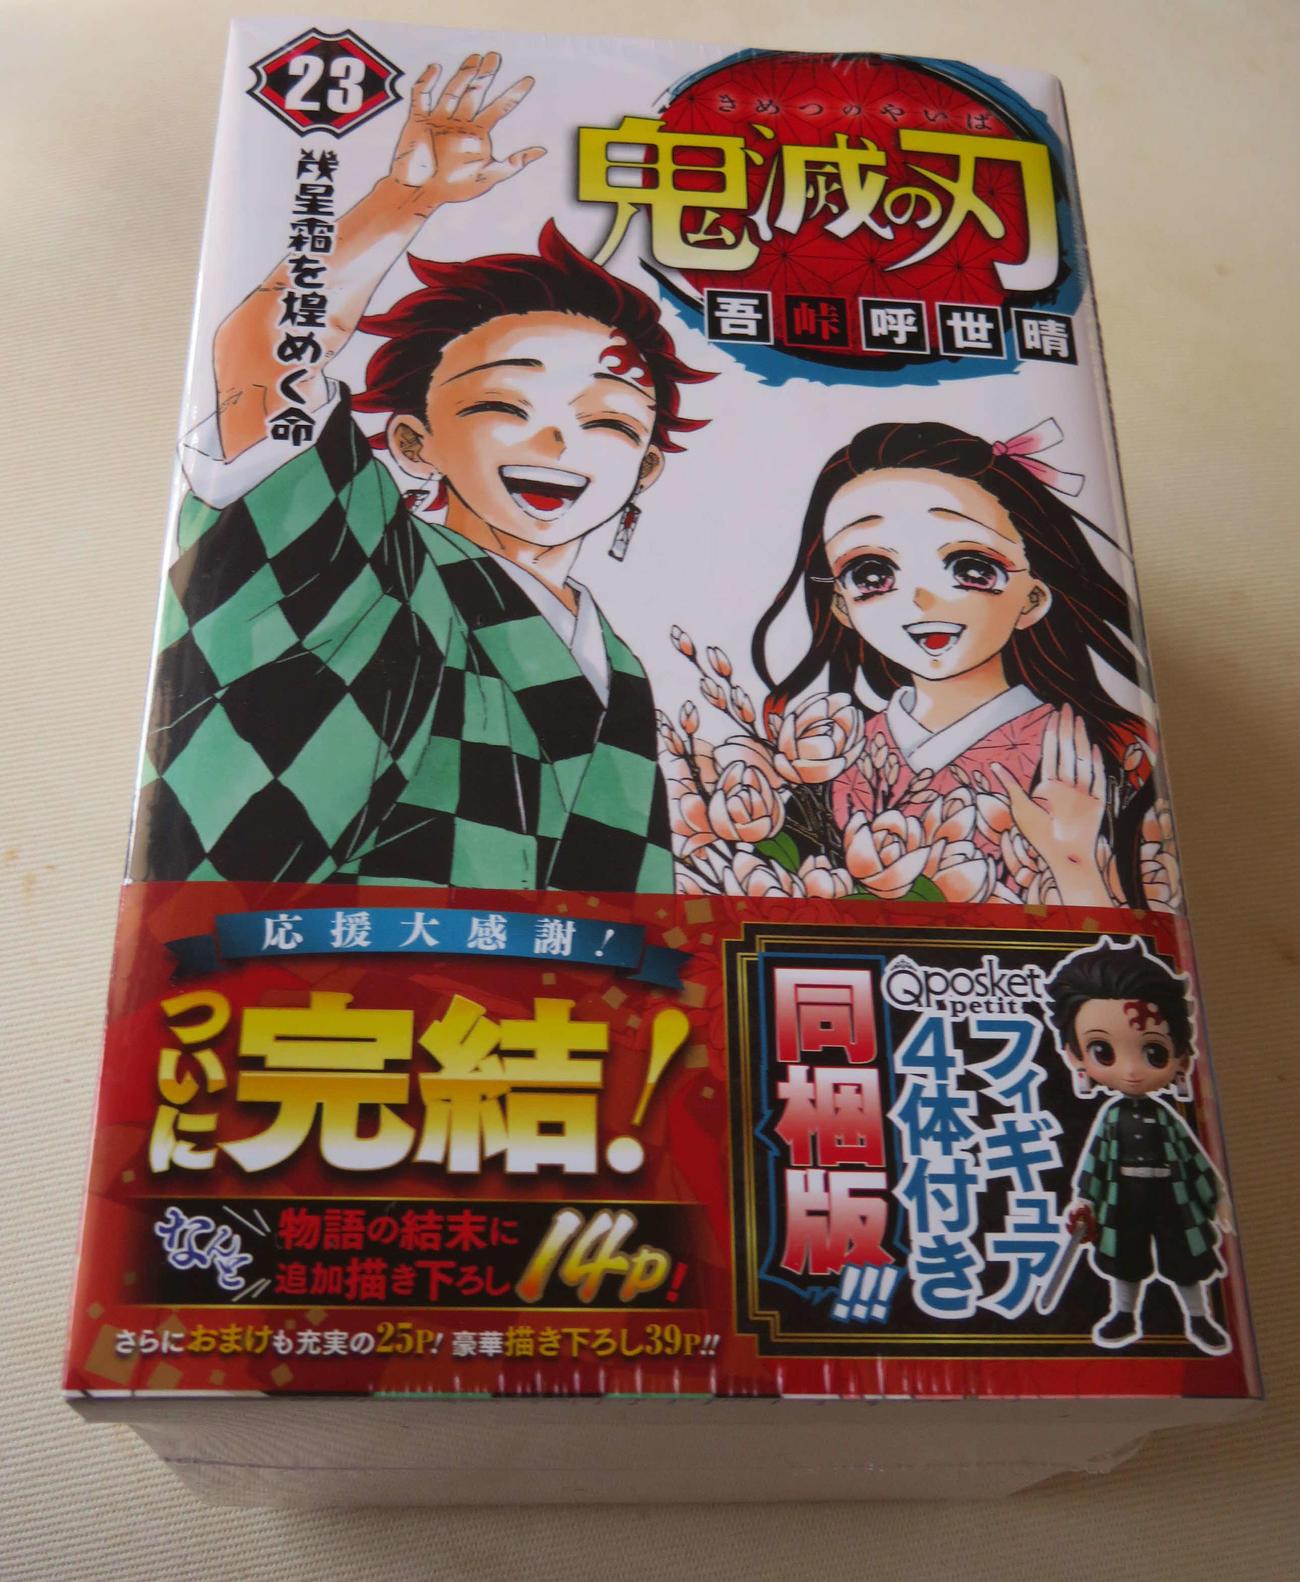 4日に発売された「鬼滅の刃」23巻特装版(撮影・村上幸将)